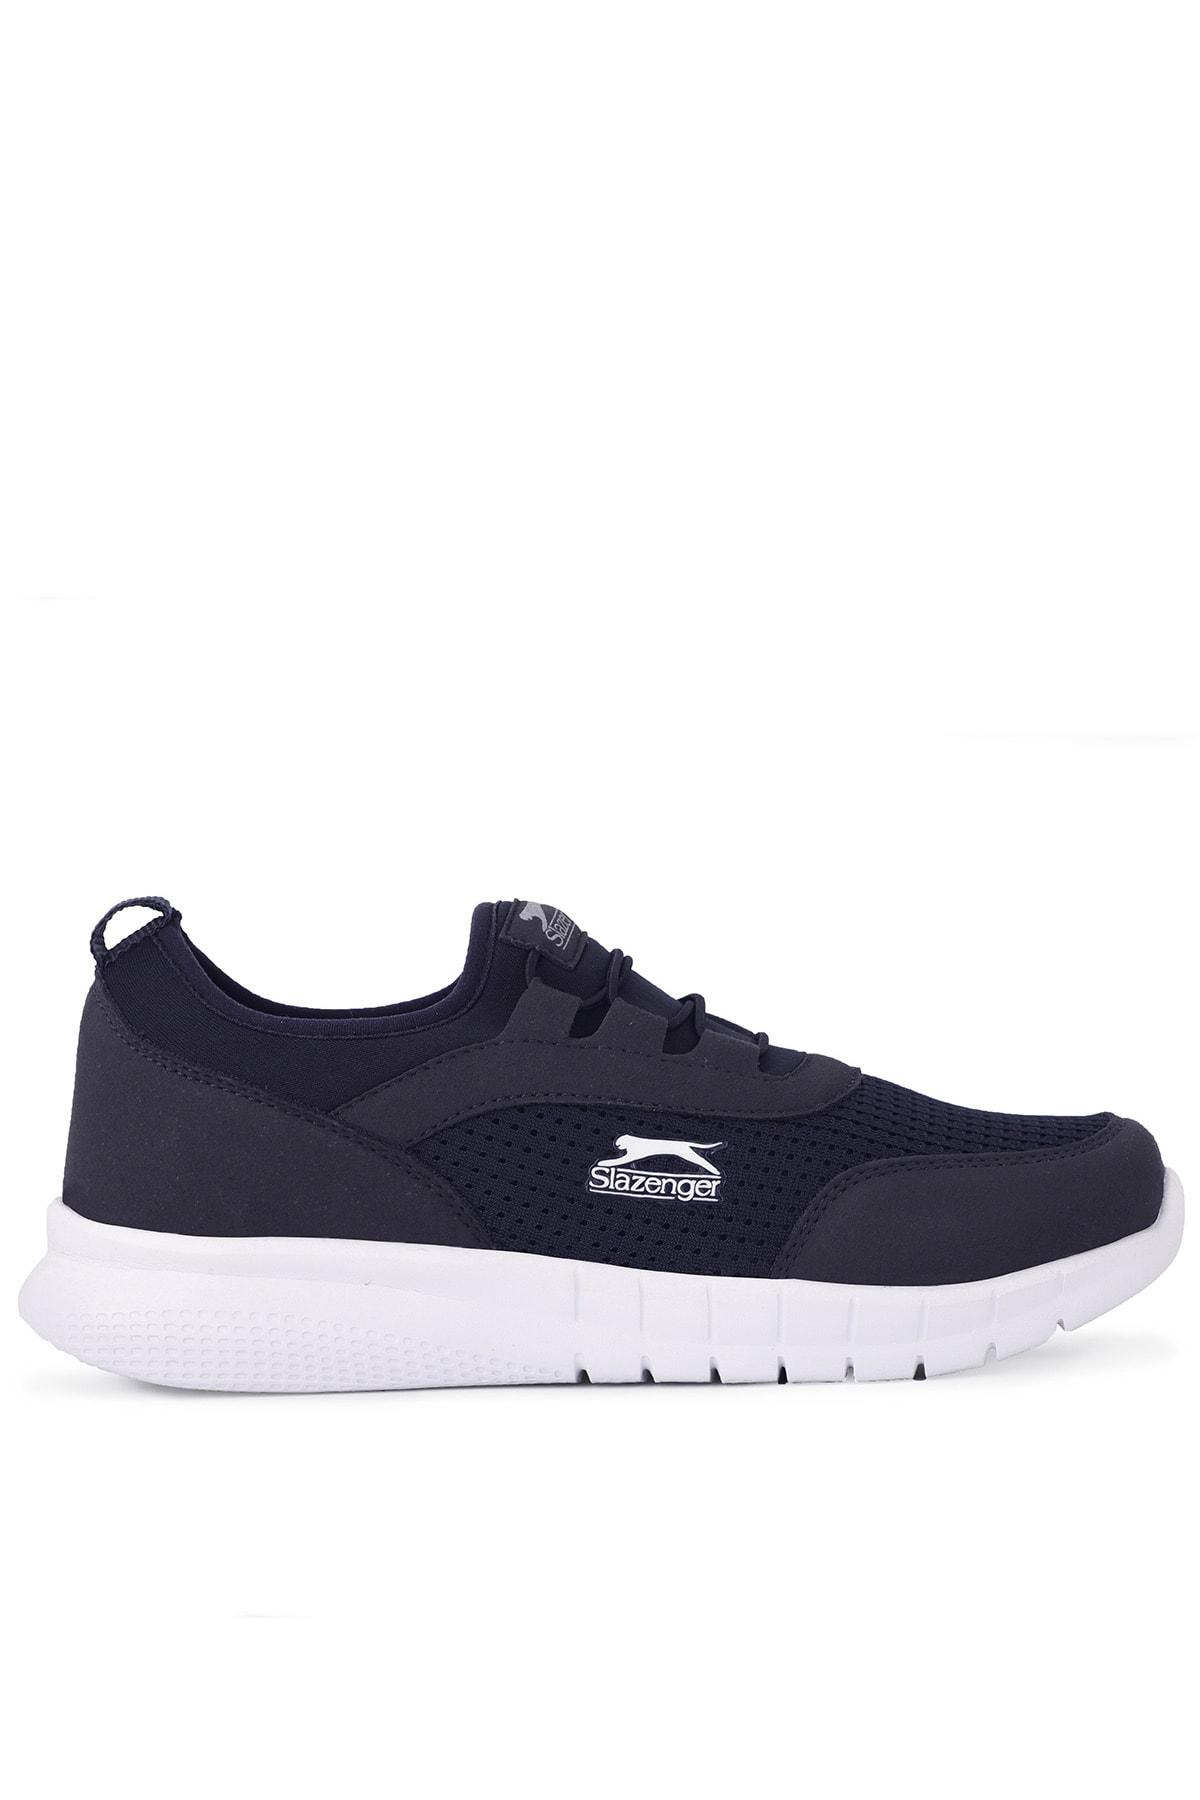 Slazenger PINO Sneaker Kadın Ayakkabı Lacivert / Beyaz SA10LK110 1